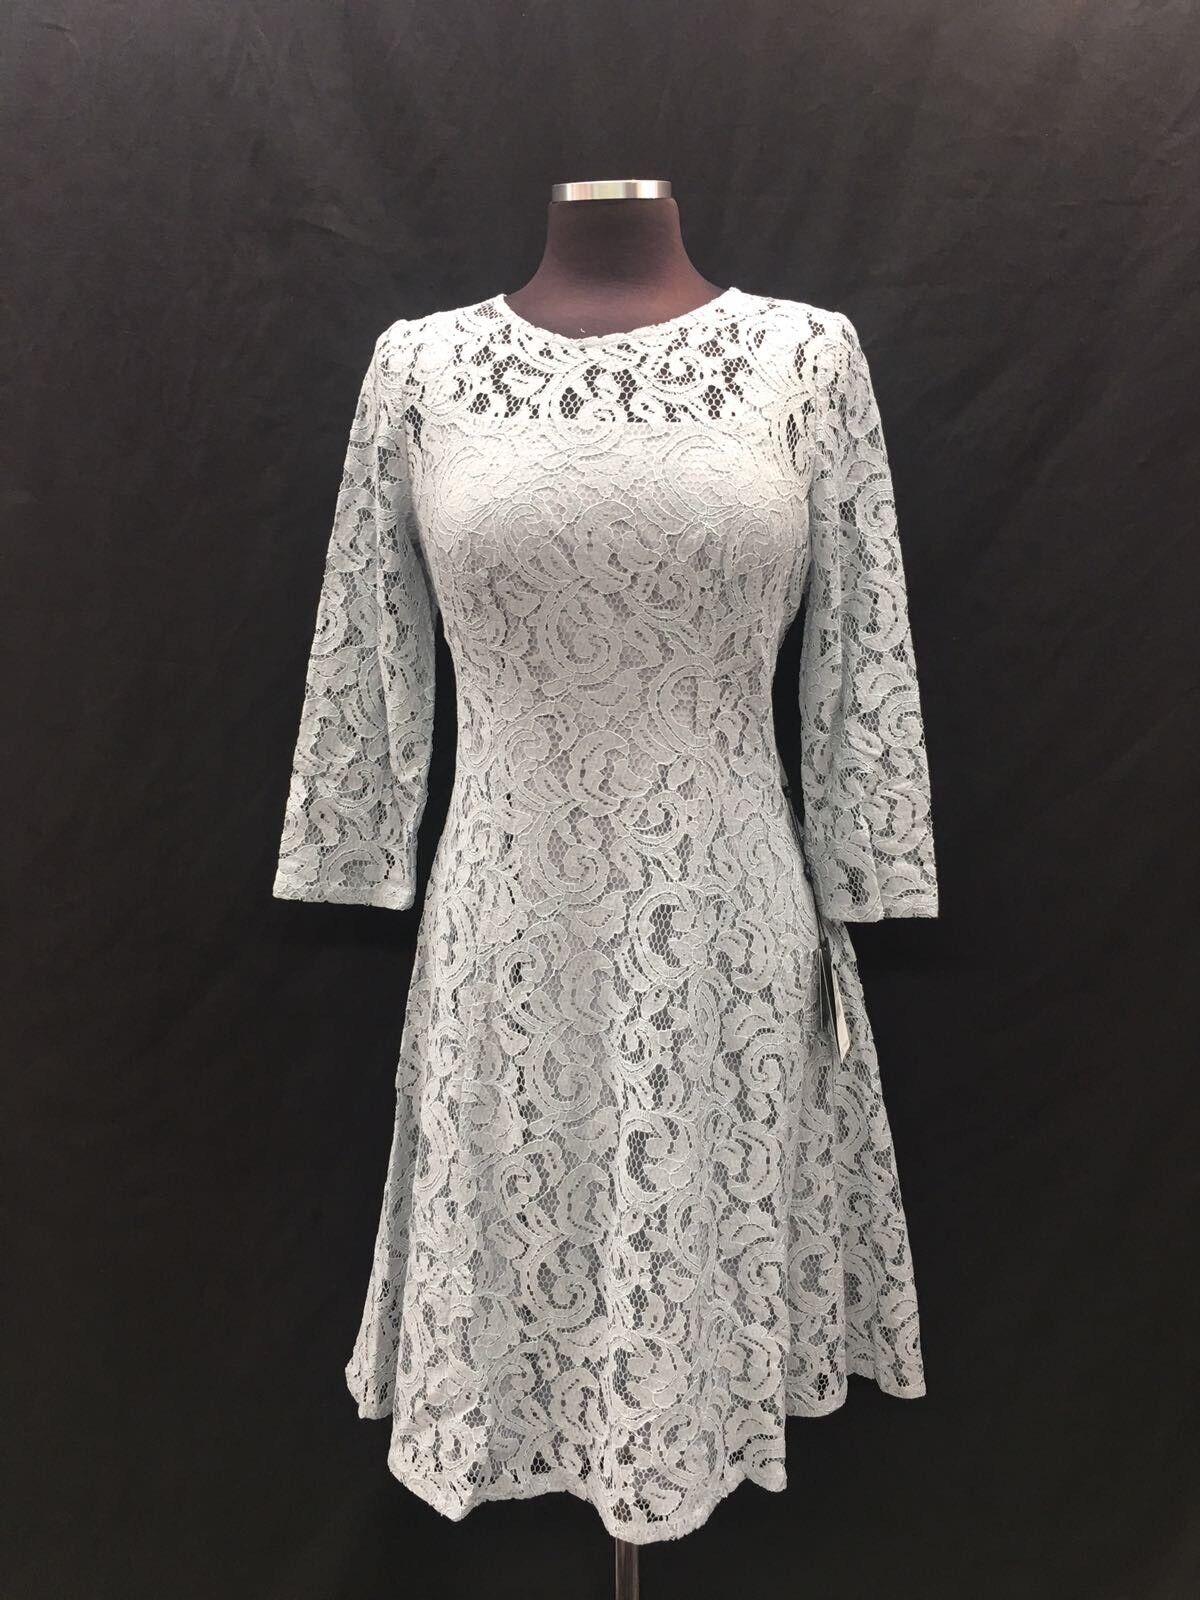 93ade7047416f0 Adrianna Papell Kleid Neu mit Etikett Größe 8 Einzelhandel Silber Spitze  683ee2